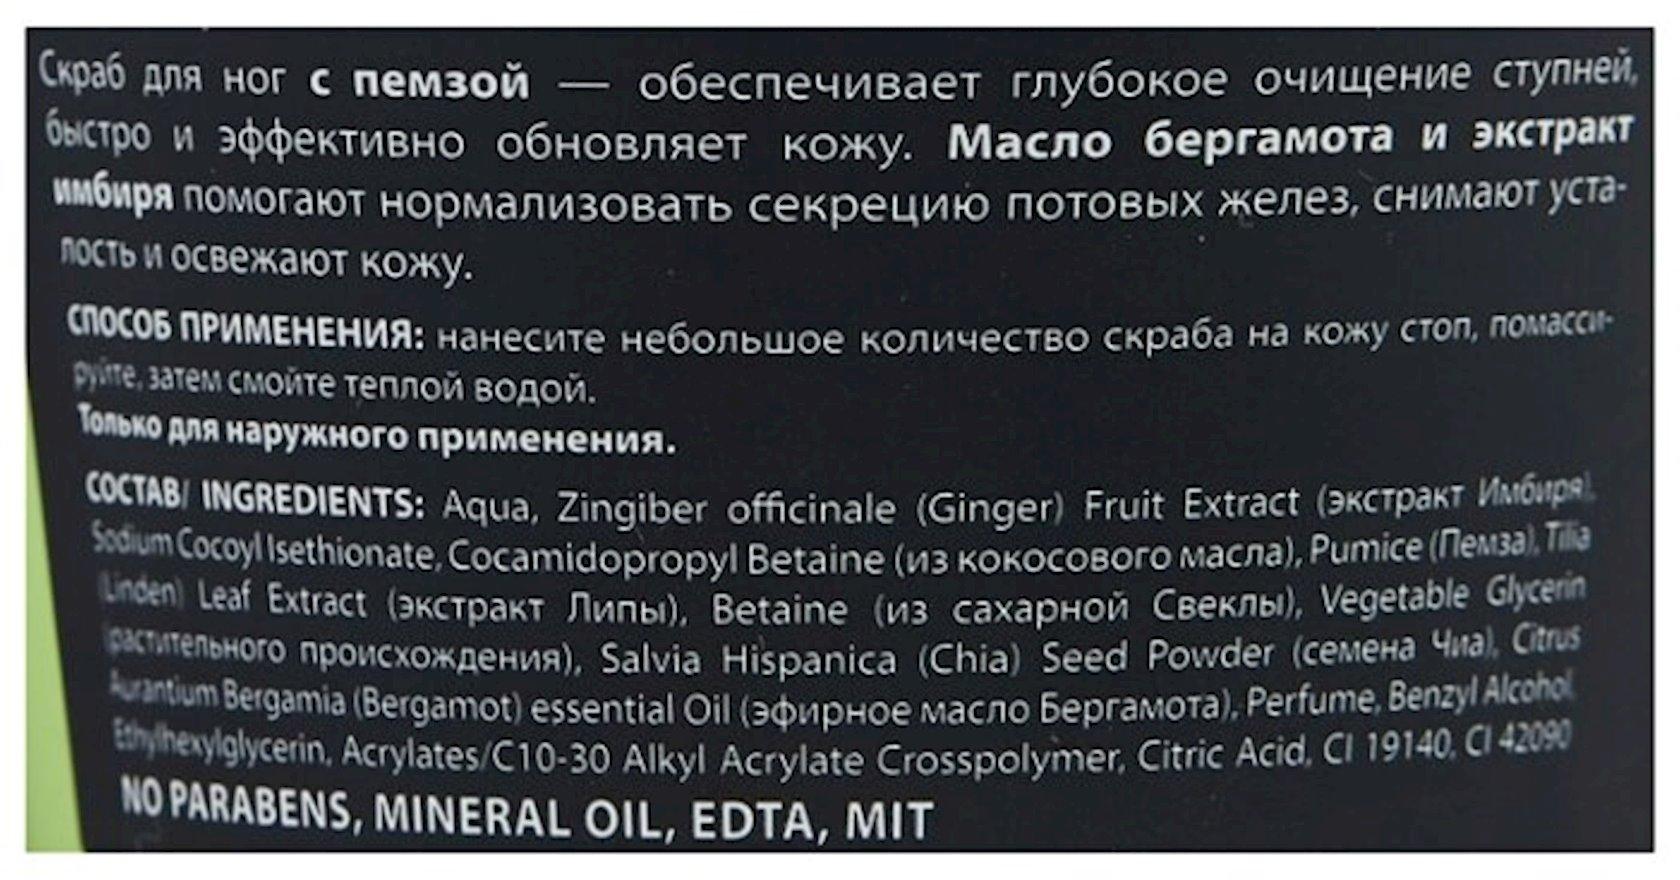 Ayaq skrabı Cafe Mimi Pemza ilə Zəncəfil və berqamot 110 ml